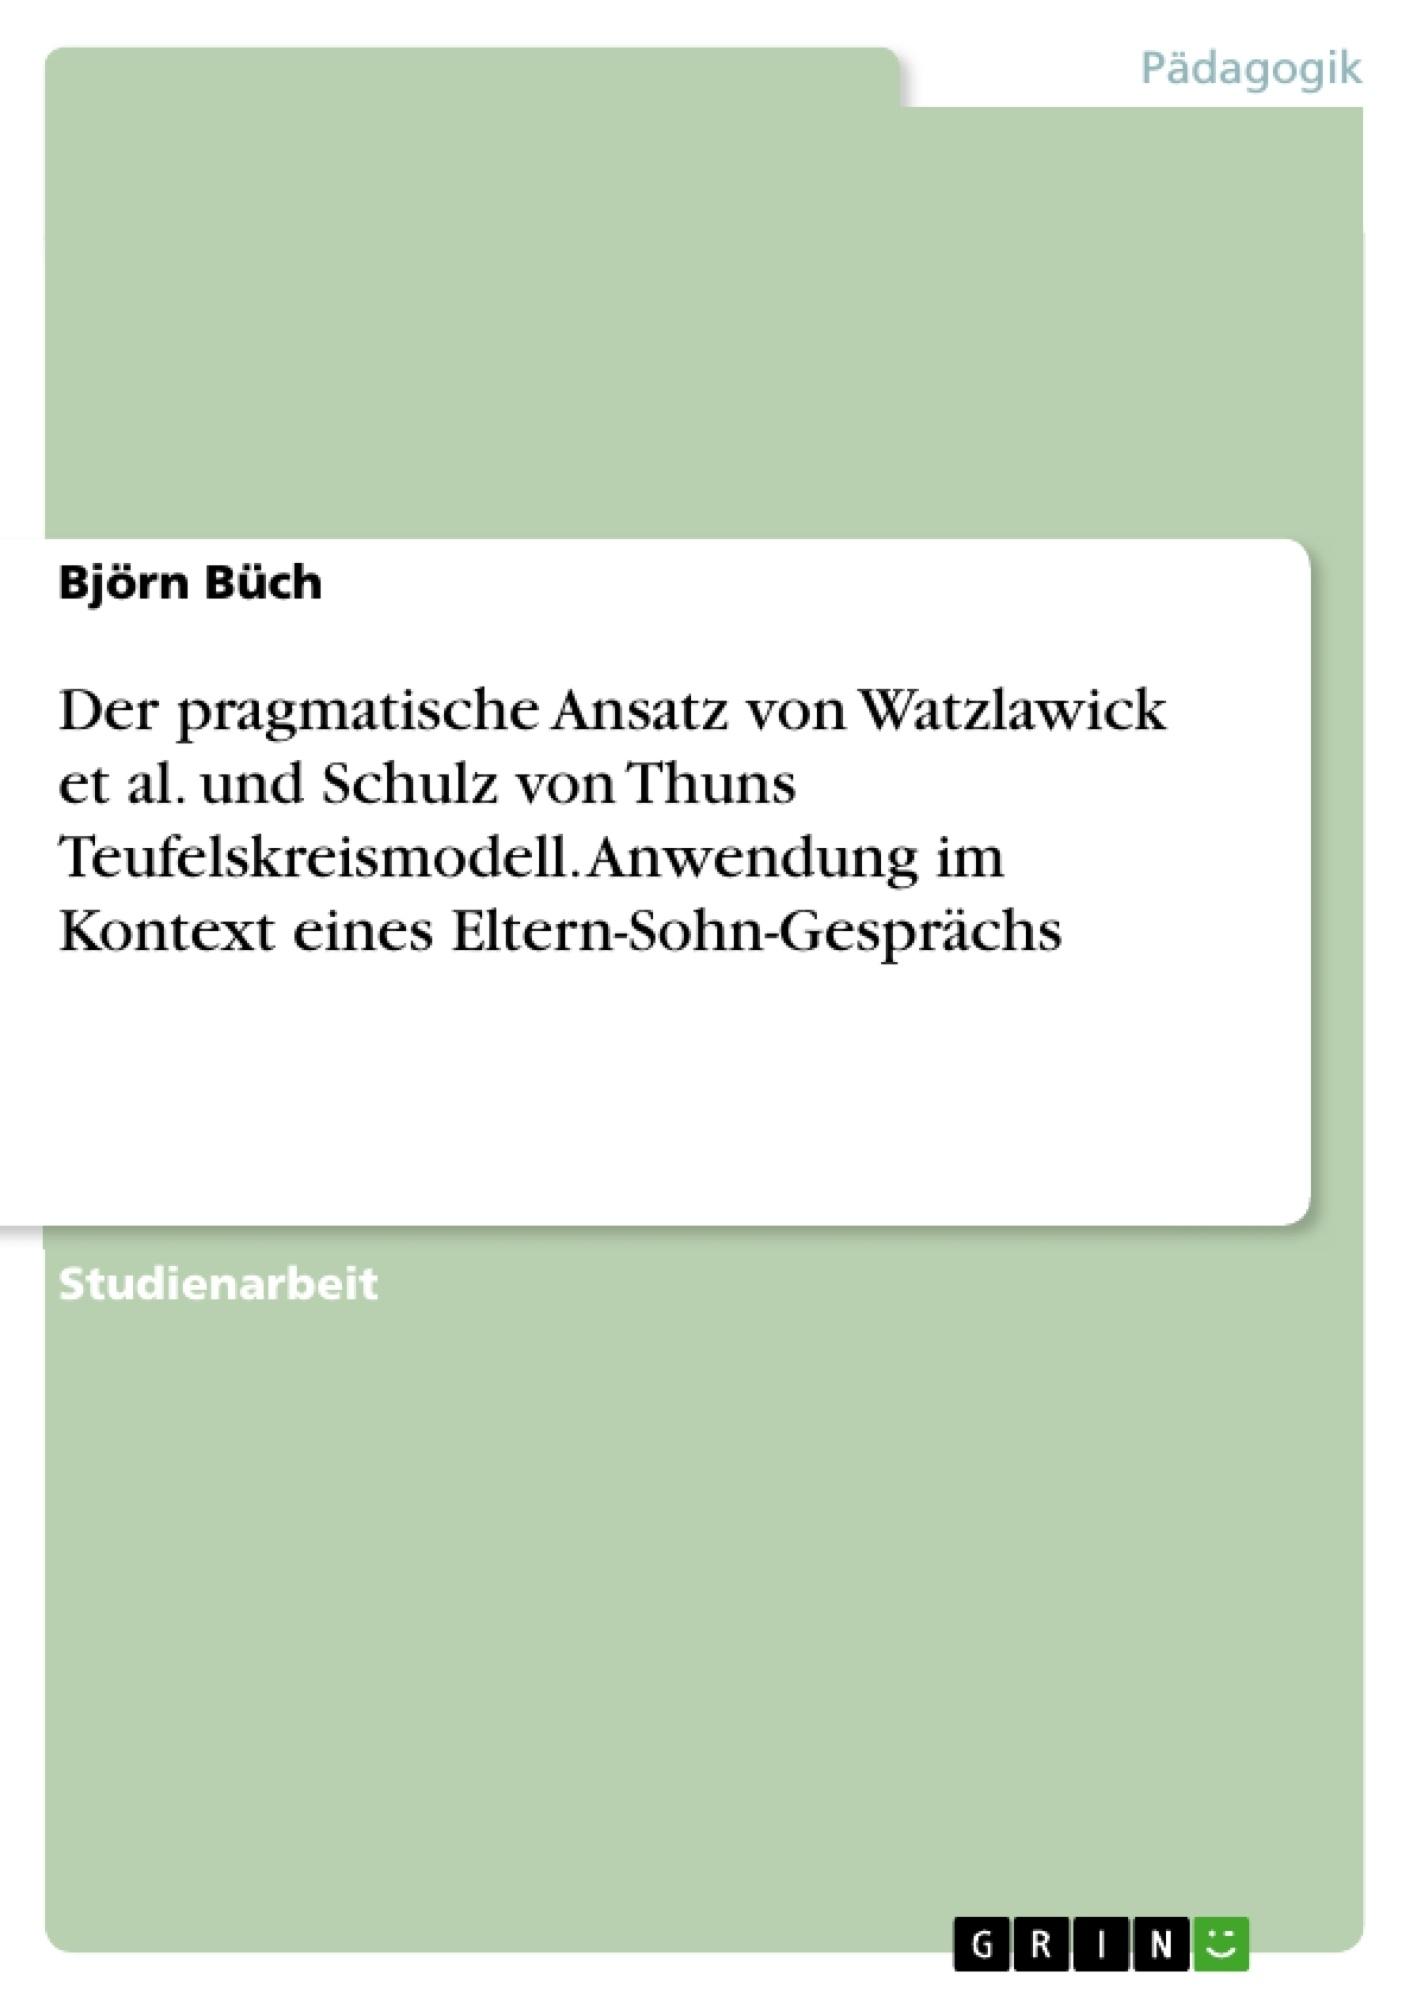 Titel: Der pragmatische Ansatz von Watzlawick et al. und Schulz von Thuns Teufelskreismodell. Anwendung im Kontext eines Eltern-Sohn-Gesprächs